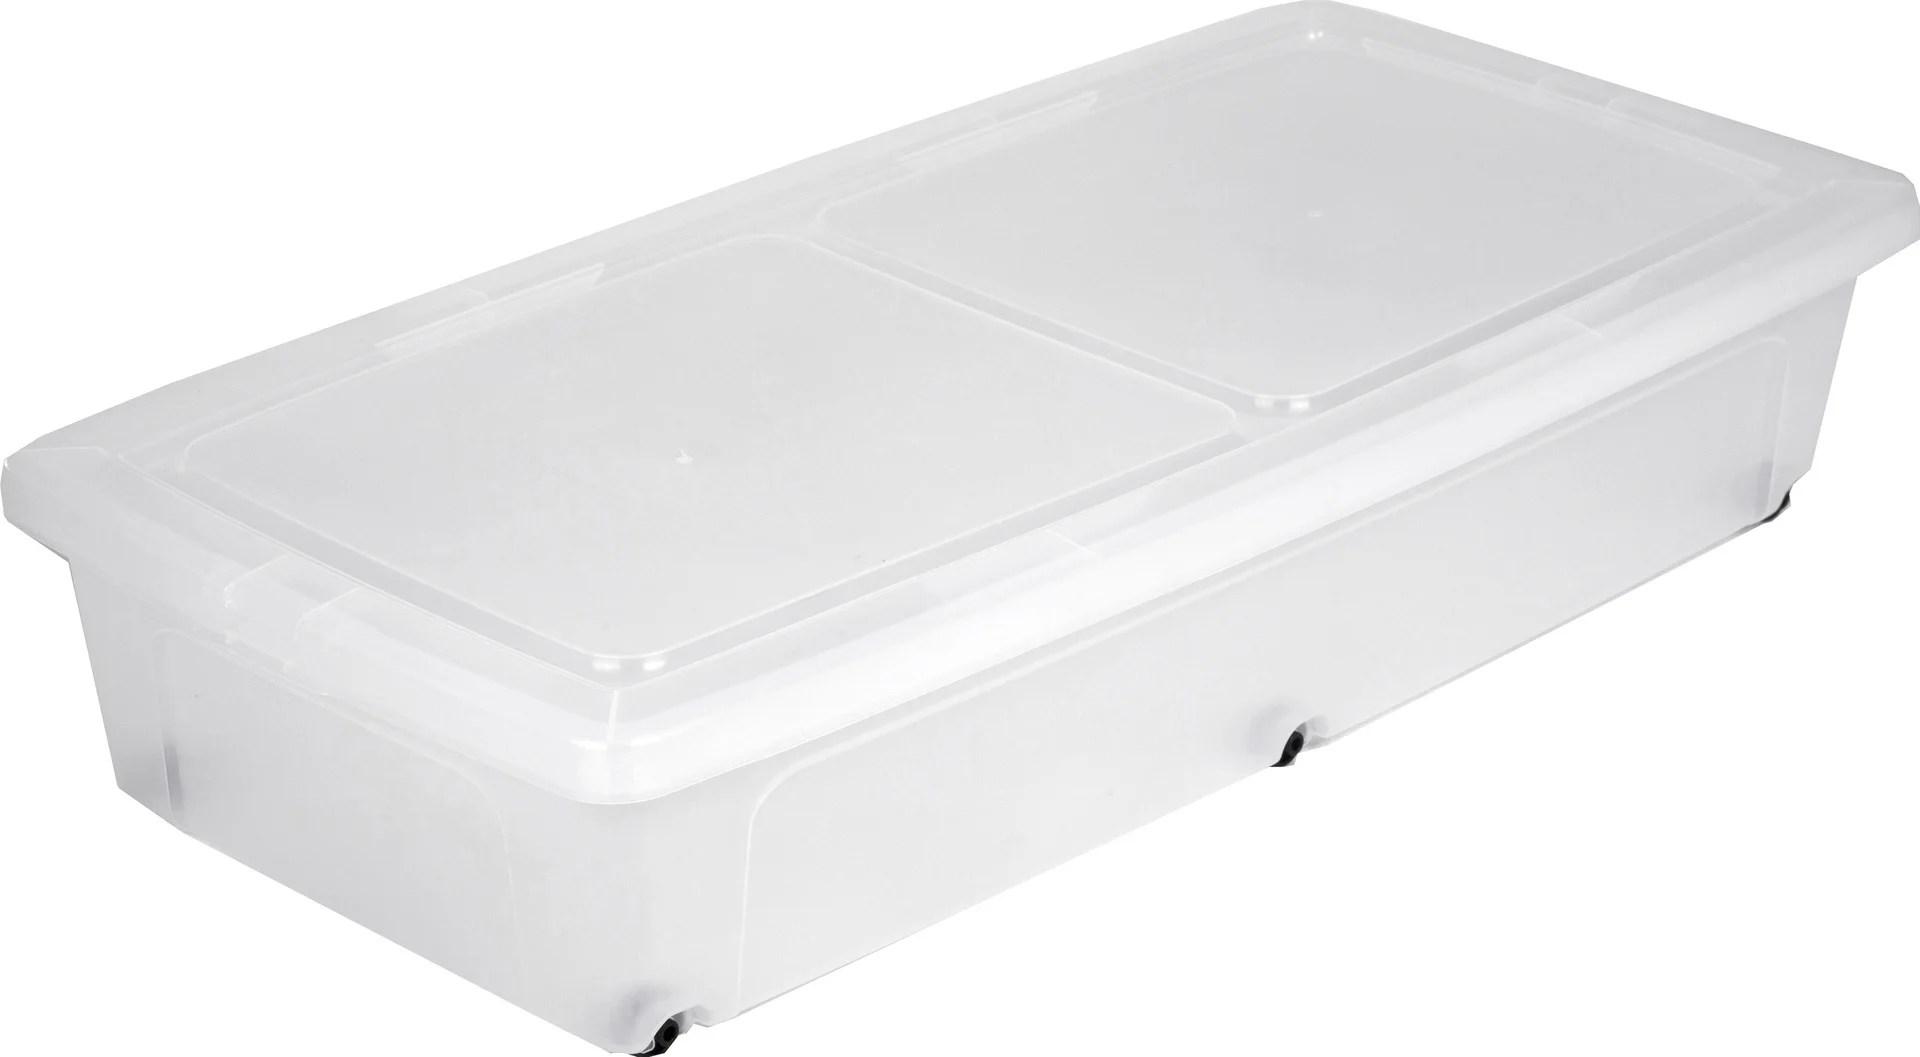 de lit modular clear box plastique